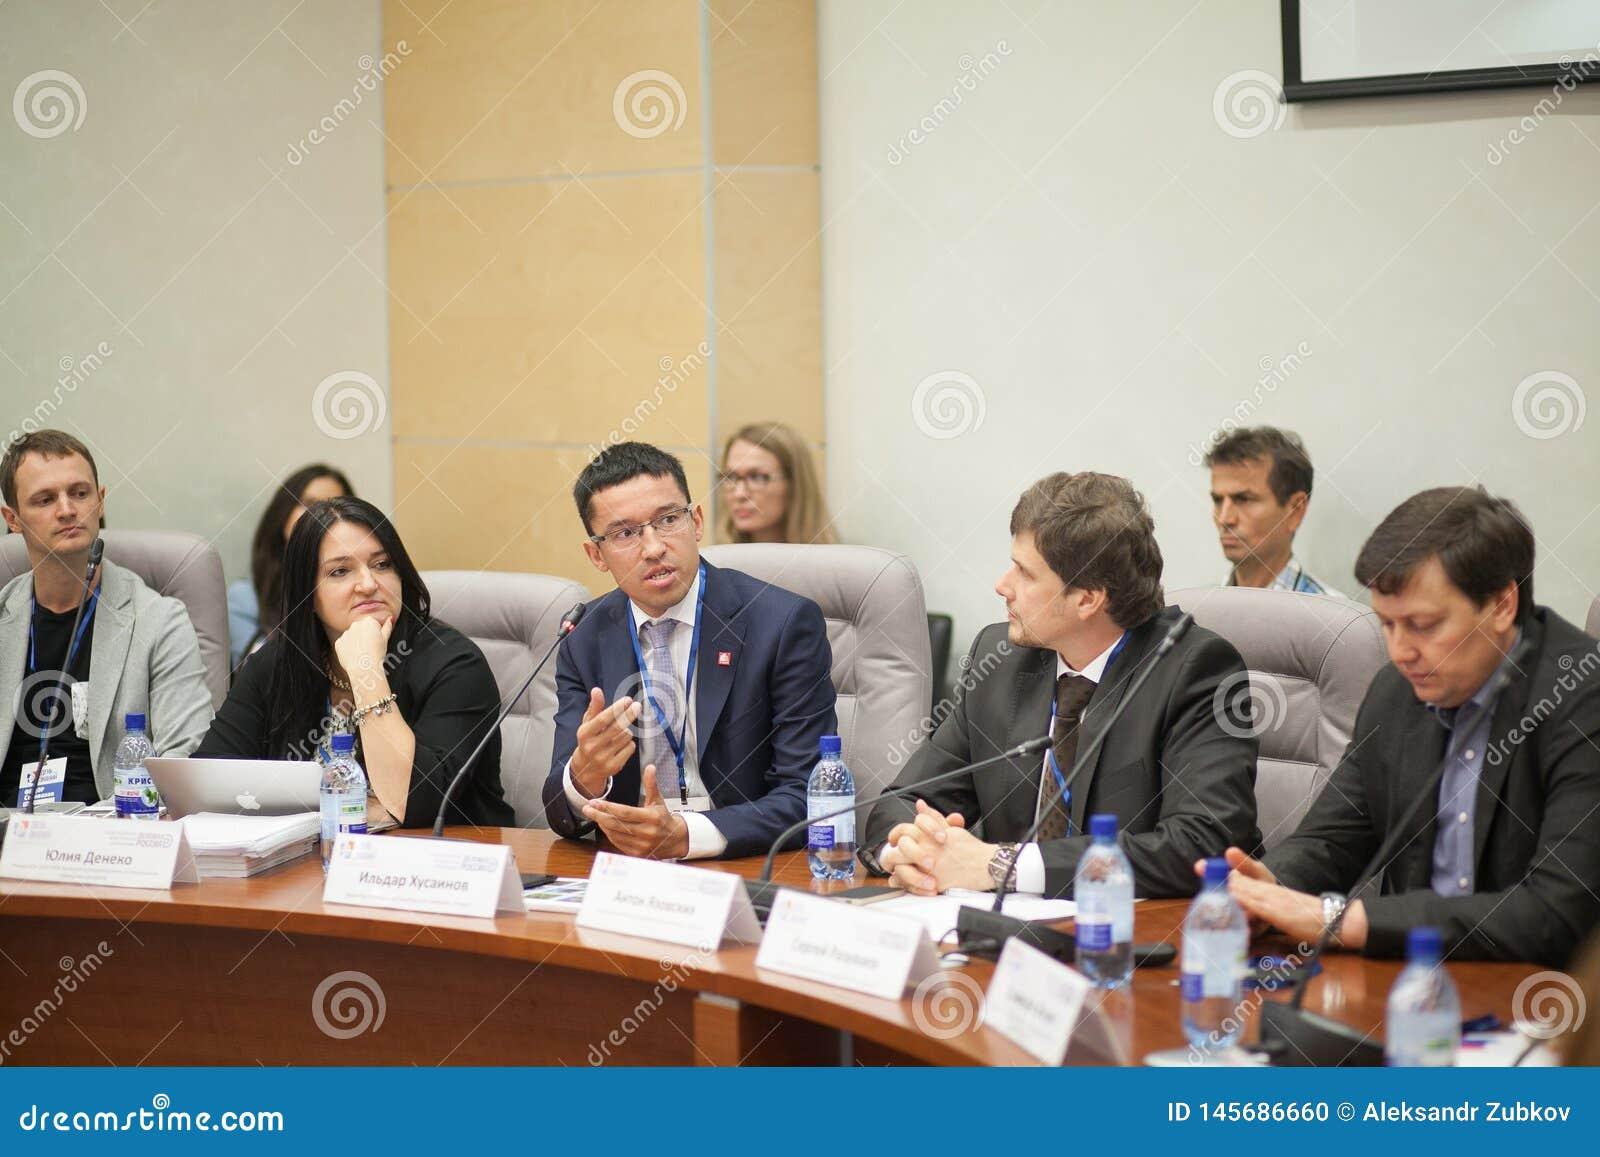 Tyumen Ryssland, 09 07 2016 Forum av innovativa teknologier Kommunikationsforskare, politiker och aff?rsm?n